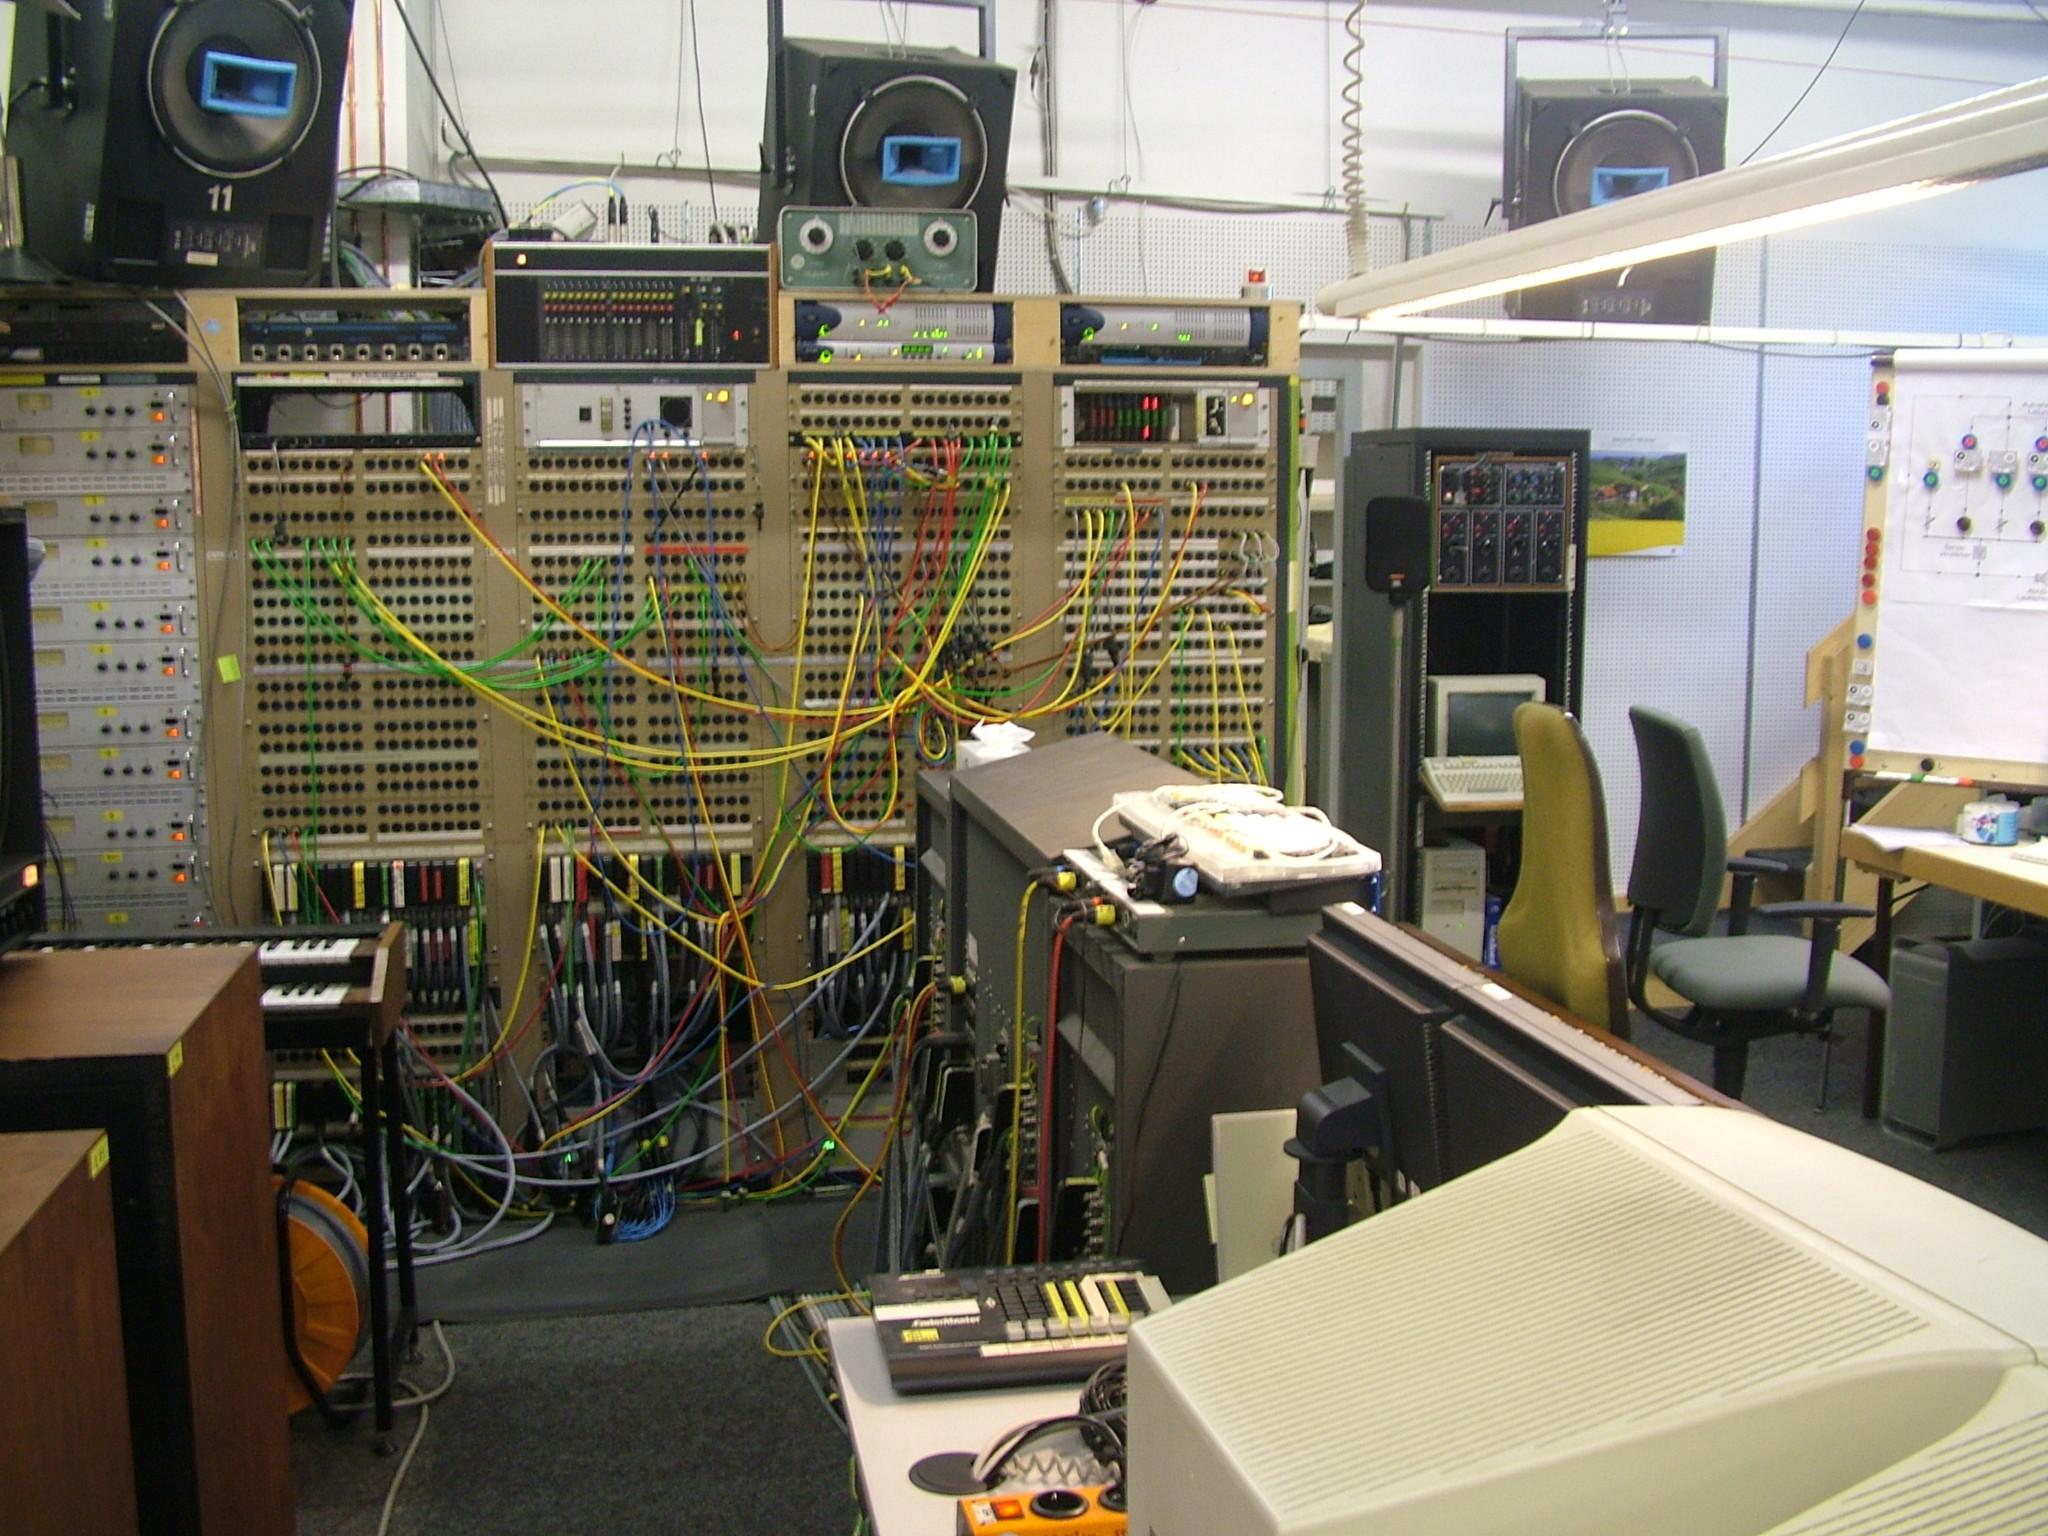 Studio fГјr elektronische musik